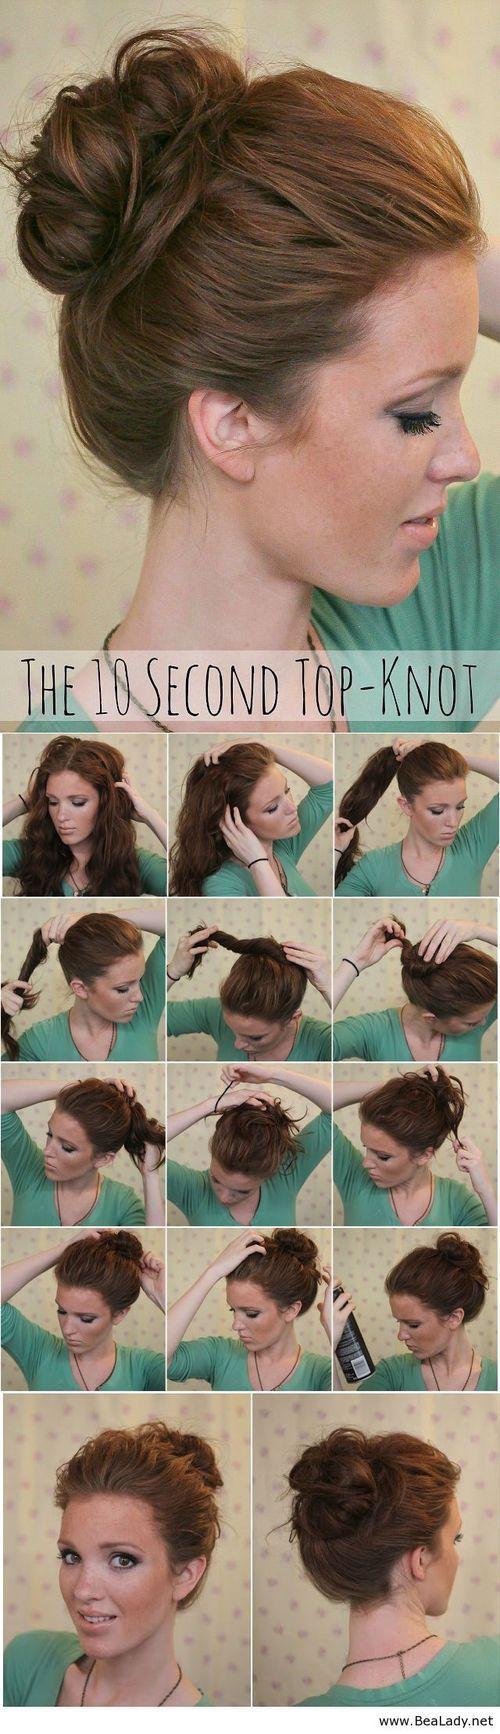 Conseils techniques, comment faire un chignon et se coiffer en chignon classique ou sophistiqué bohème, haut, décoiffé, fouillis avec chaussette ou donut.